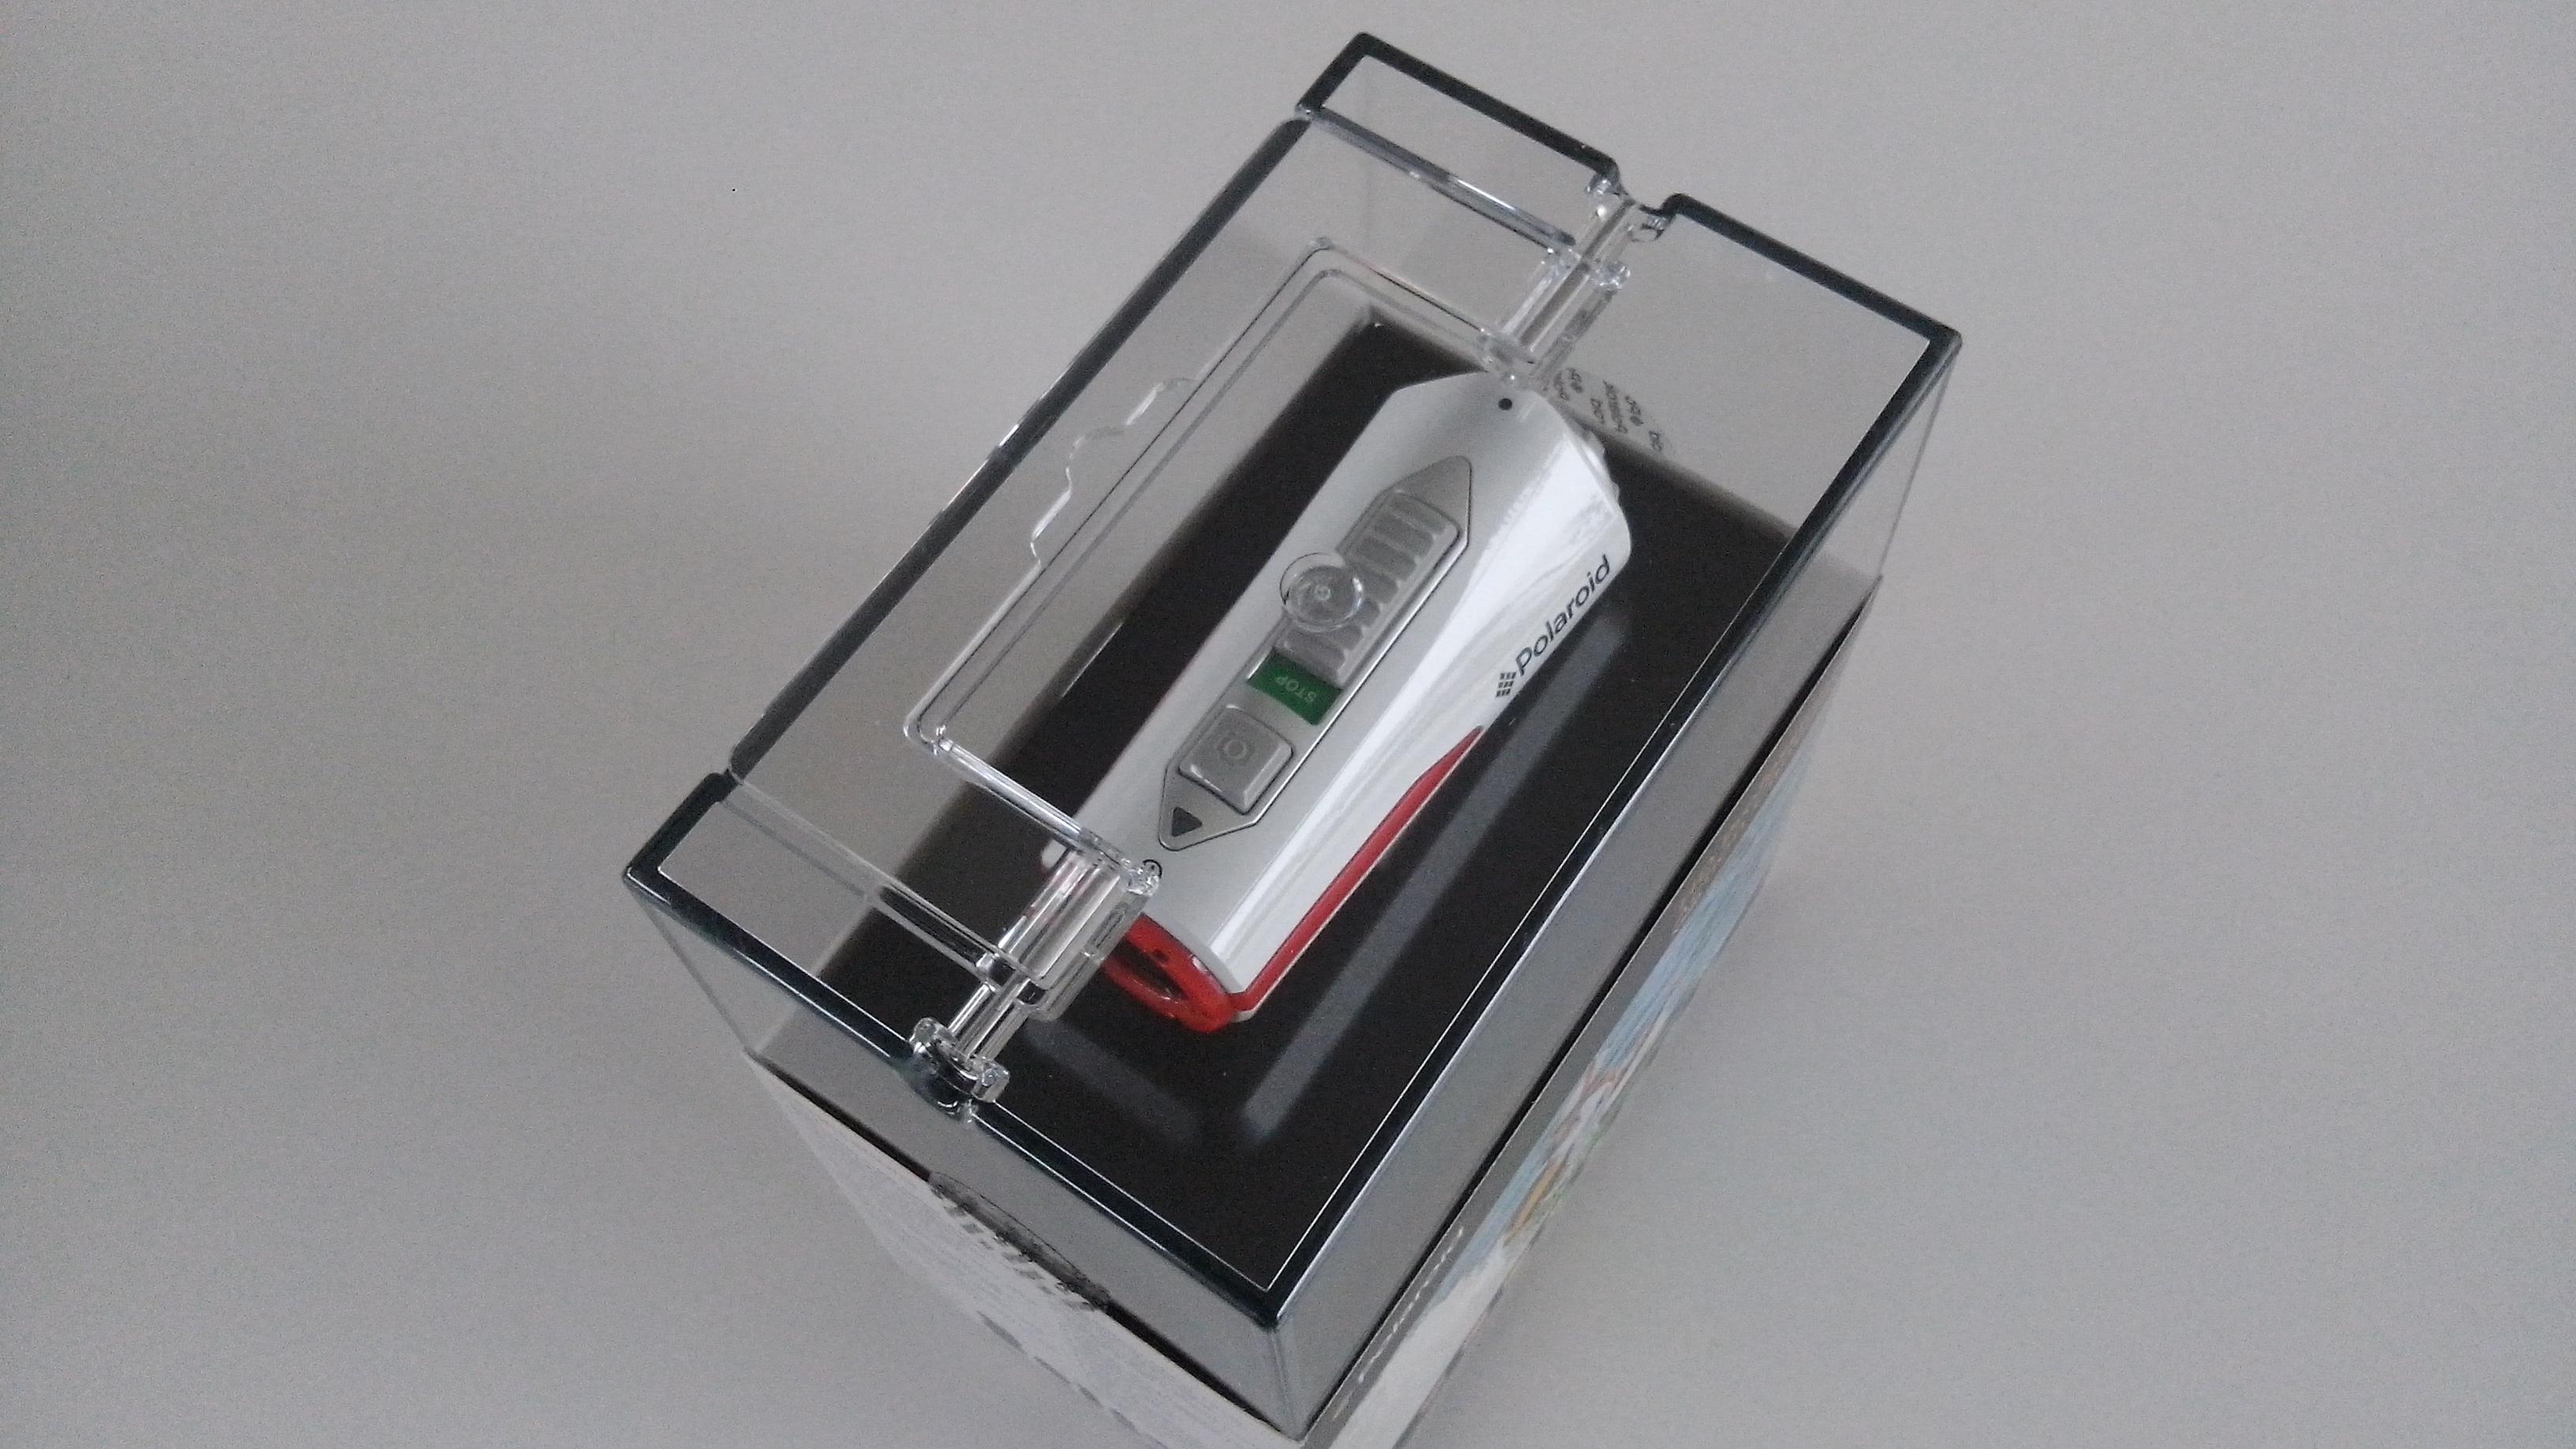 polaroid xs80 wasserdichte full hd action cam inkl helmhalterung online g nstig bestellen. Black Bedroom Furniture Sets. Home Design Ideas